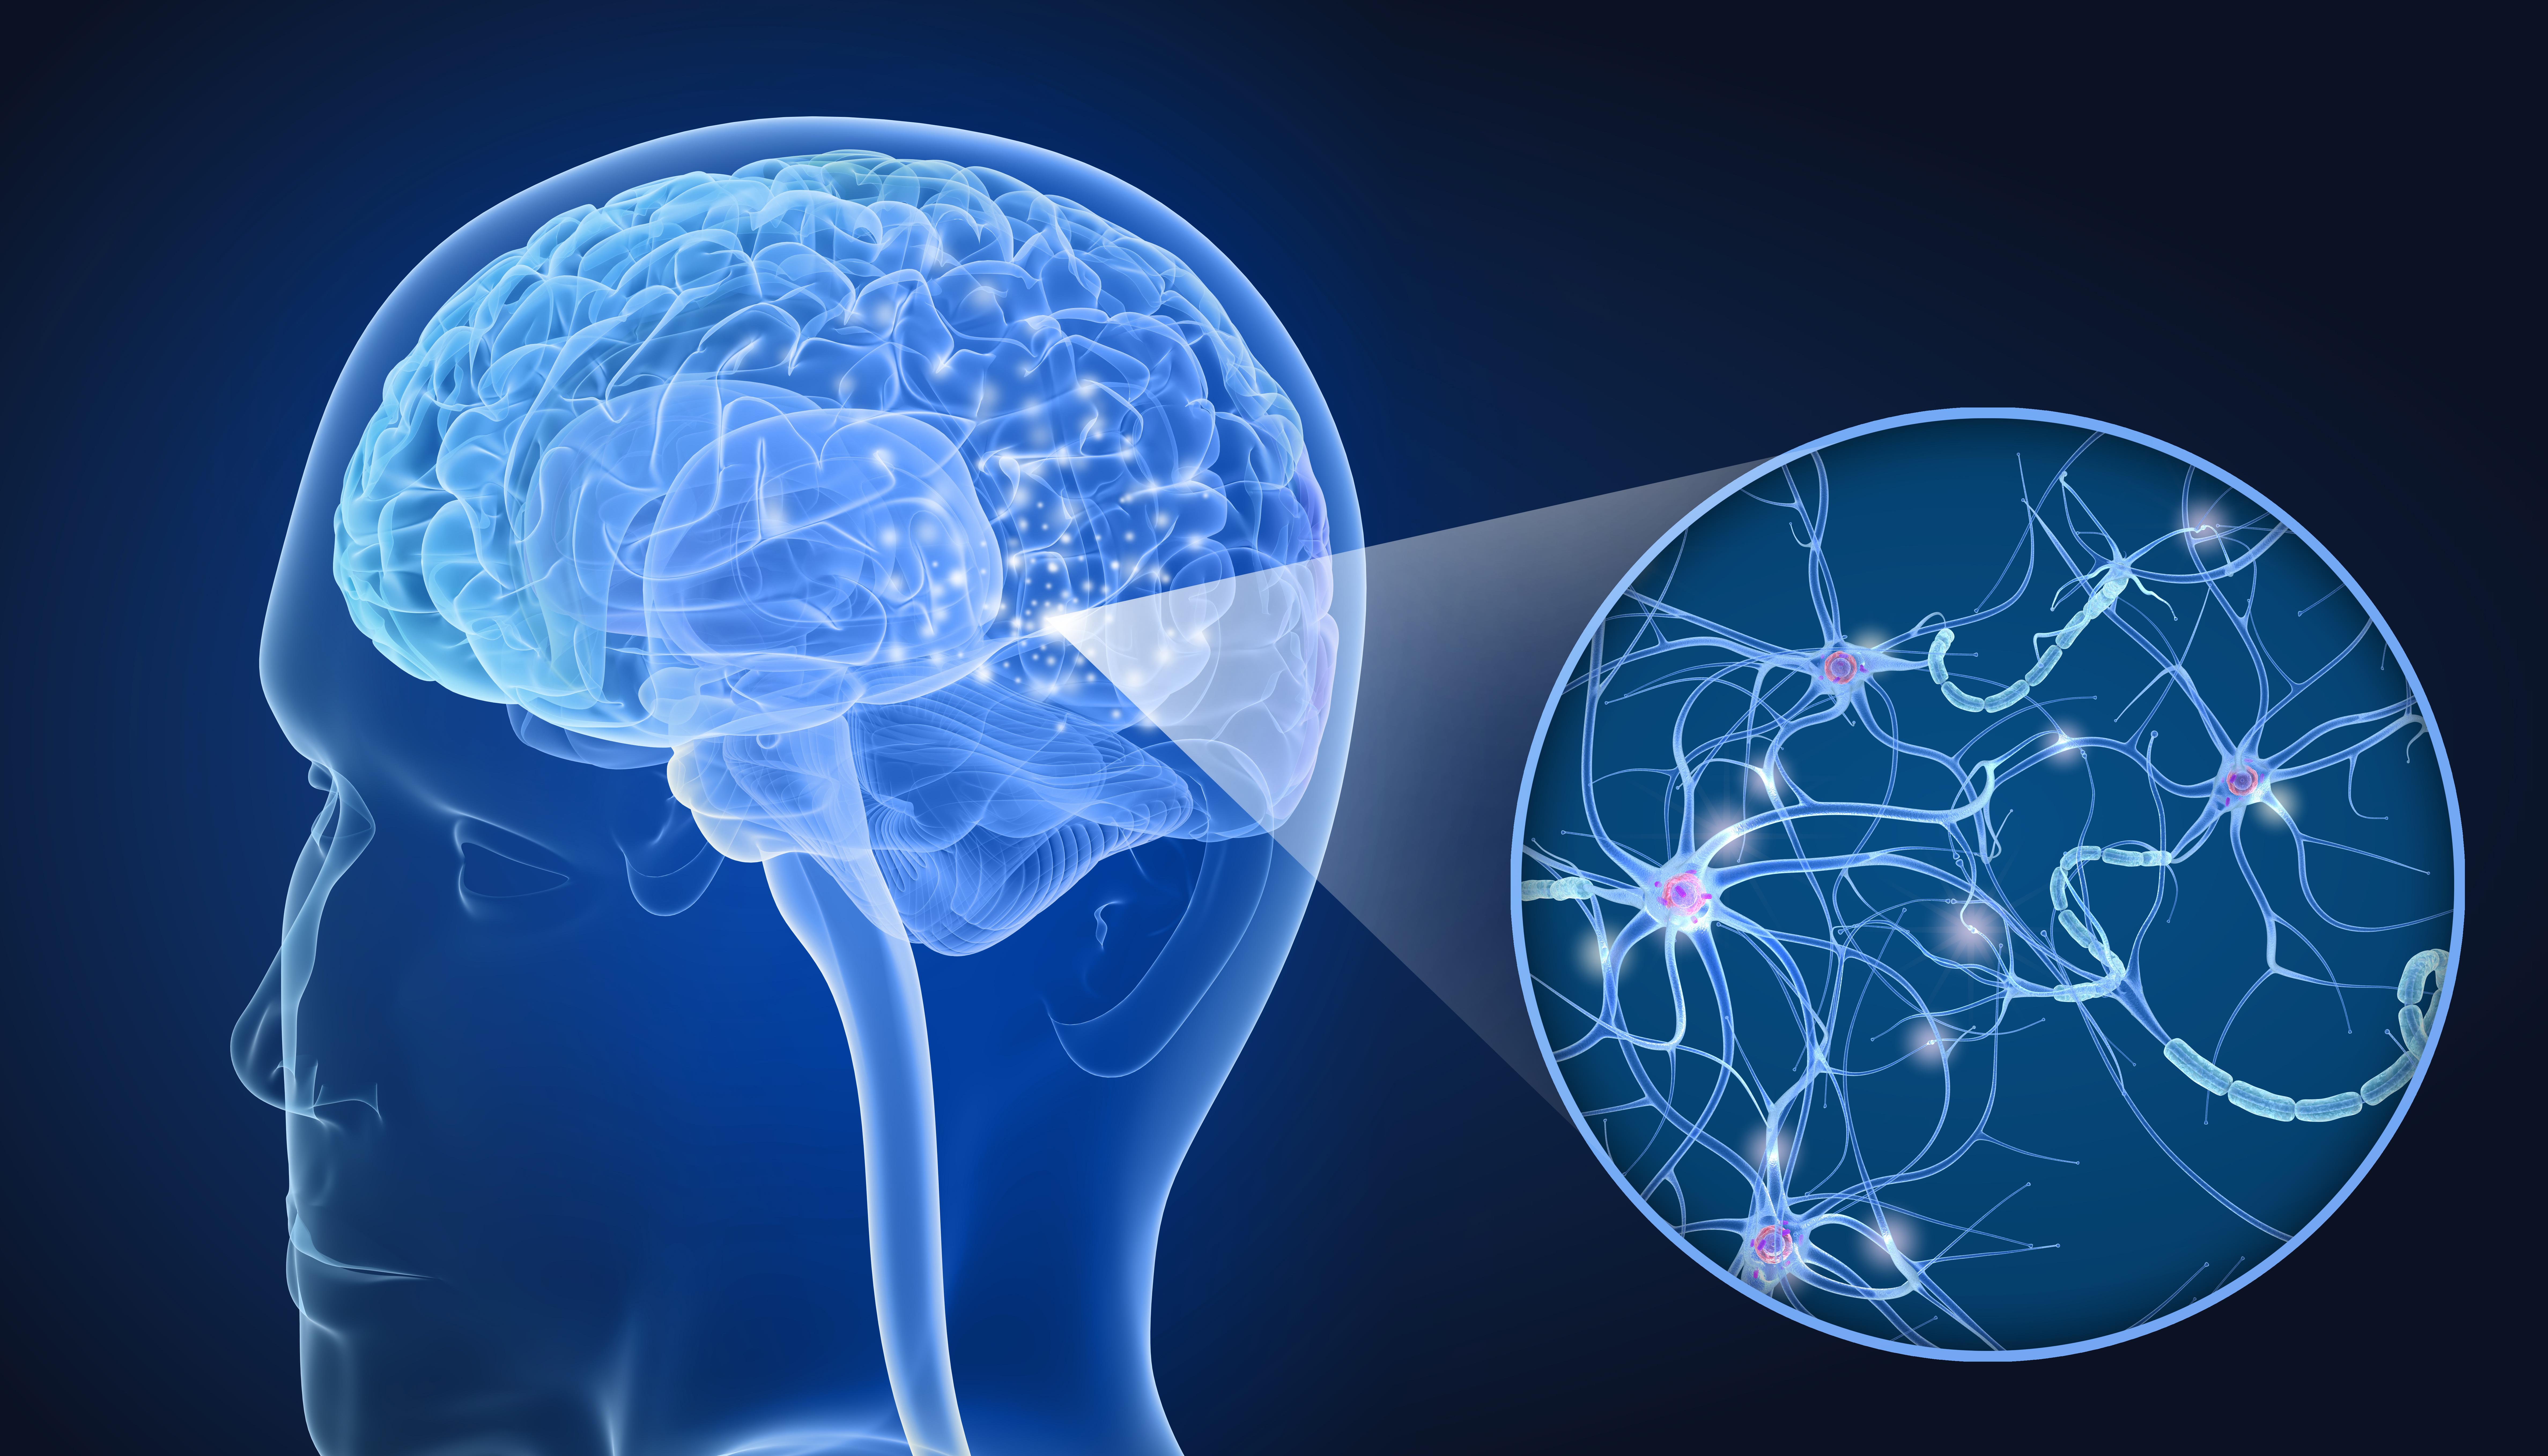 La colle cérébrale protège contre la perte de tissu cérébral après une blessure ou un trauma cérébral grave, mais contribue également à la réparation neuronale fonctionnelle (Visuel Adobe Stock 206037348)